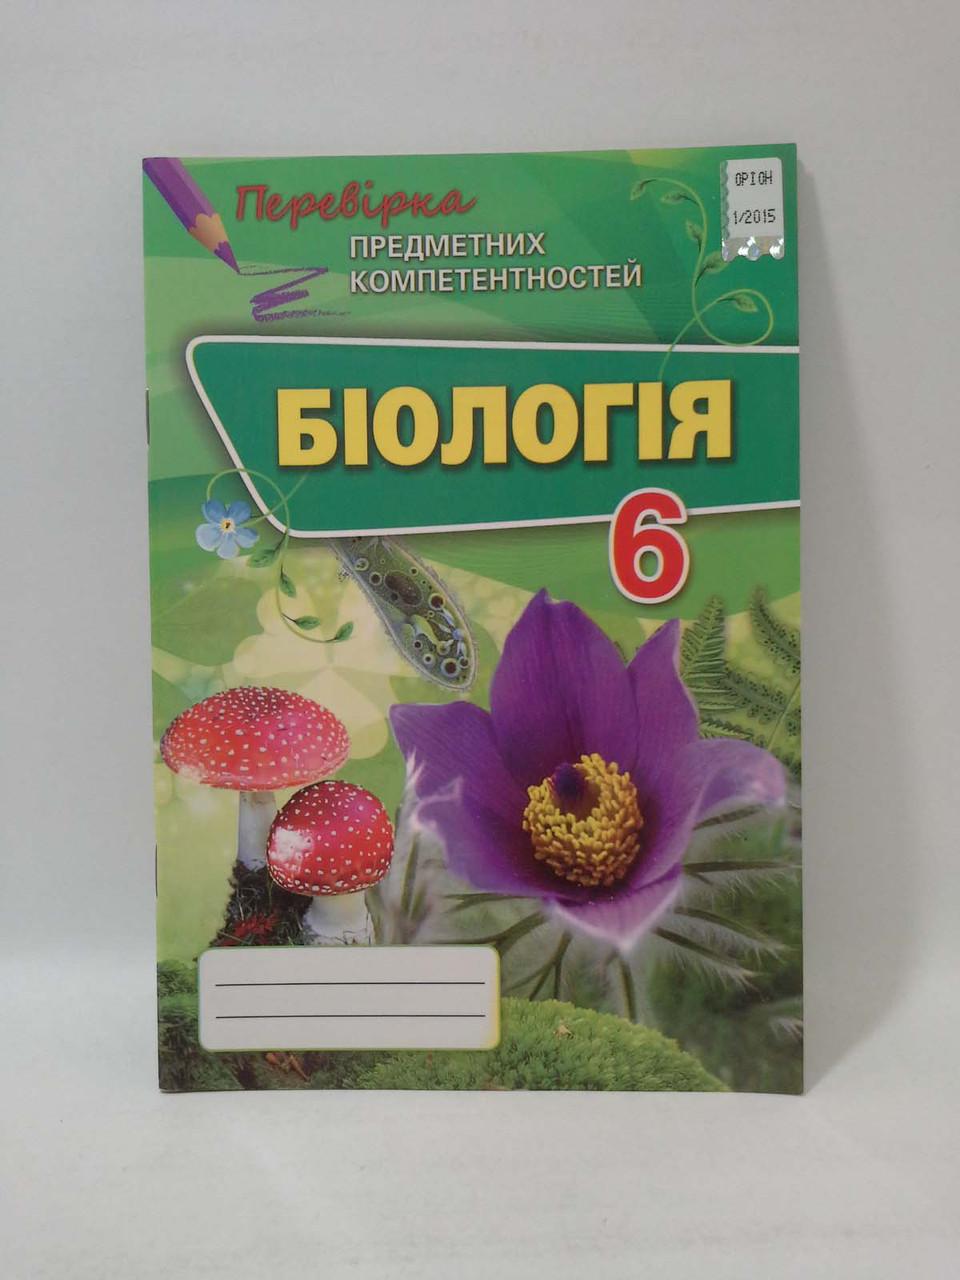 Оріон Біологія 6 клас Перевірка предметних компетентностей Сліпчук